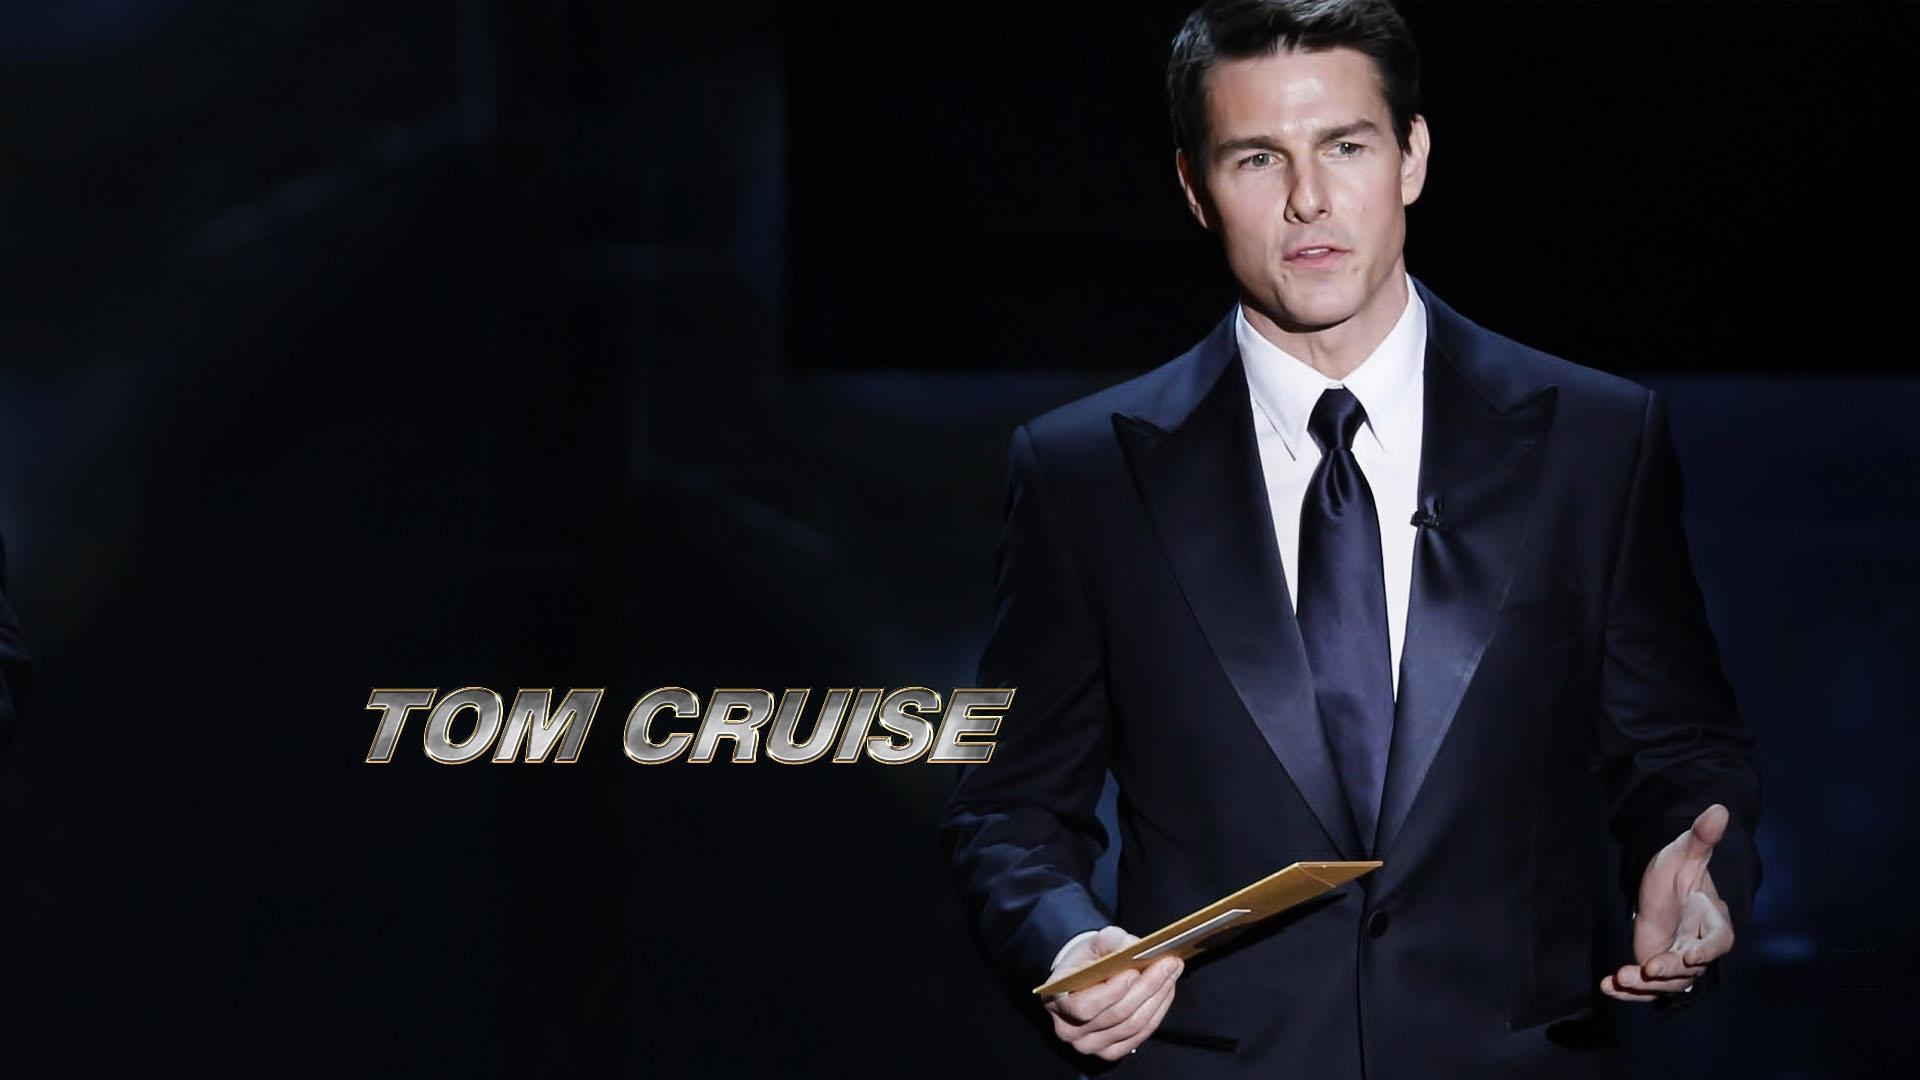 Tom Cruise For Desktop